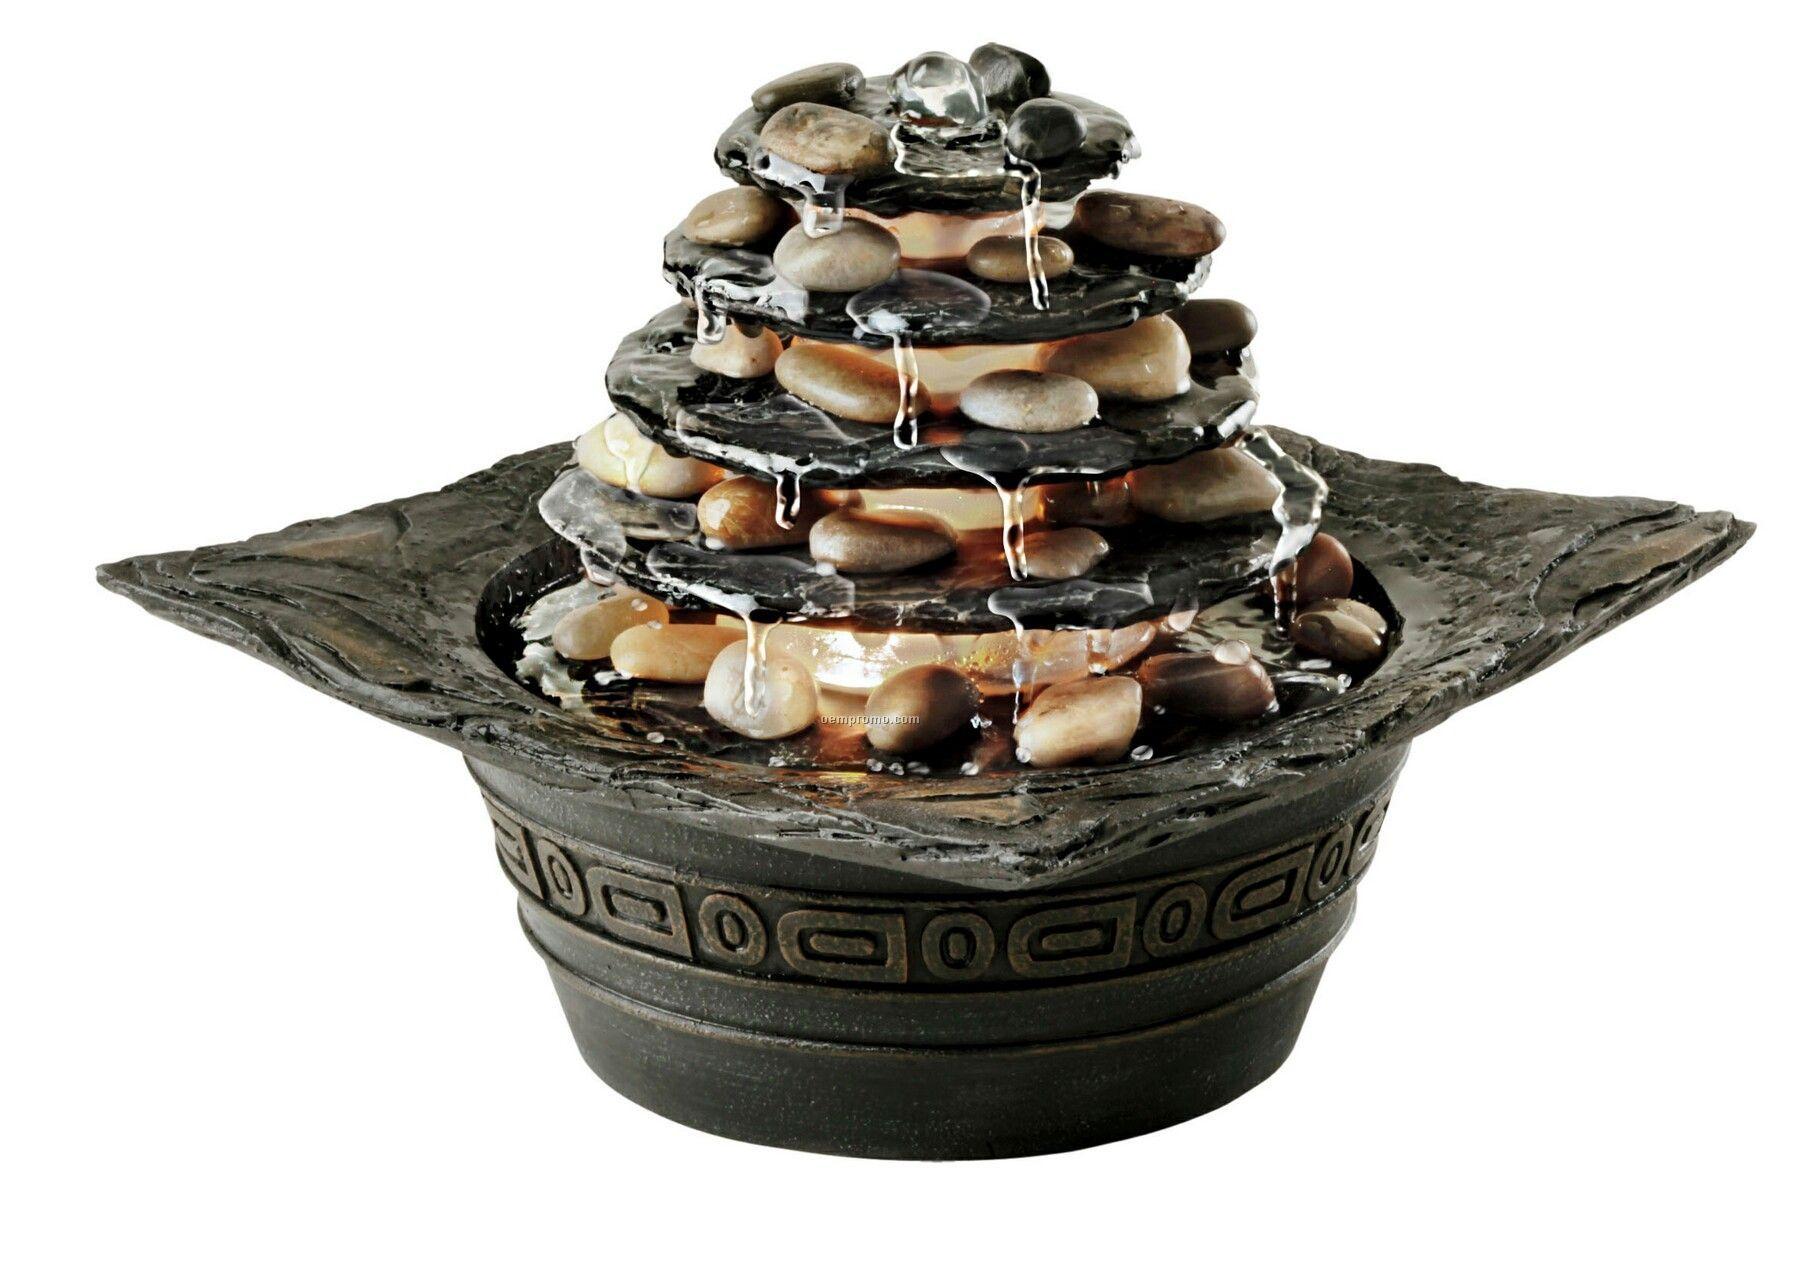 Homedics Envirascape Natural Pagoda Illuminated Relaxation Fountain